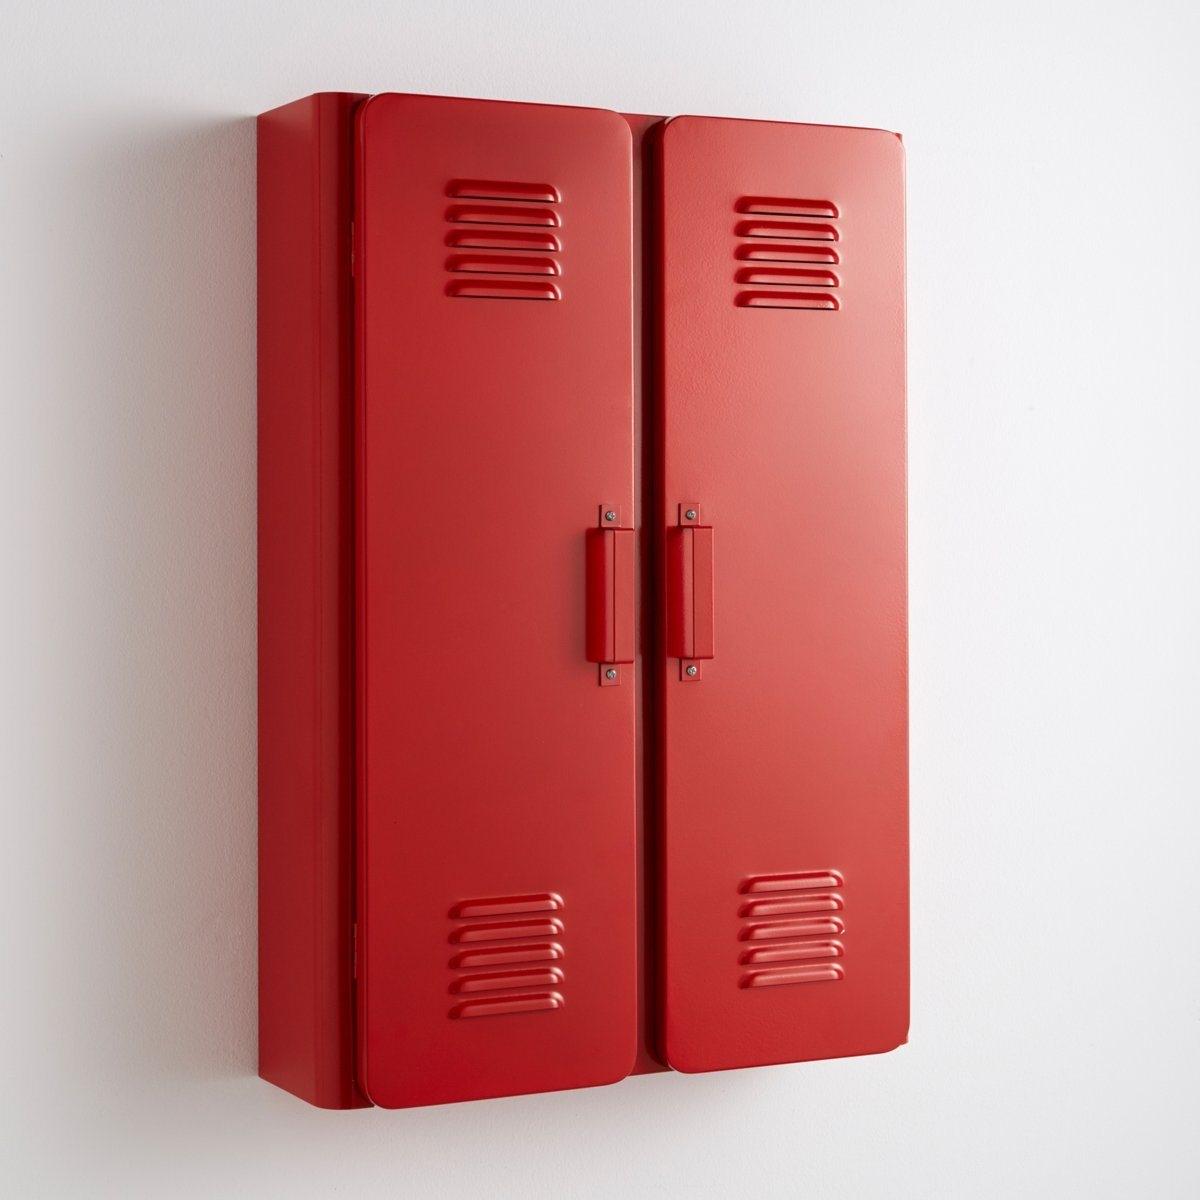 Шкаф для ванной,  HibaЭтот маленький металлический шкаф Hiba, выполнен в индустриальном стиле . Прекрасное дополнение к основной мебели, этот шкаф будет полезен в ванной, прихожей, детской или даже в рабочем кабинете . Описание маленького шкафа Hiba :2 дверцы с декоративными щелями .2 внутренние полки .Характеристики маленького шкафа Hiba :Из металла с эпоксидным покрытием .Металлические ручки .Найдите всю коллекцию Hiba на нашем сайте ..Размеры маленького шкафа Hiba :Общие :Длина : 45 см Высота : 65 смГлубина : 14 смВнутри :Длина : 38 смВысота : 19,7 смГлубина : 10,8 смРазмер и вес с упаковкой :1 упаковка77 x 51 x 17 см, 8,25 кгДоставка :Шкаф Hiba продается готовым к сборке . Доставка вешалки осуществляется до квартиры !Внимание ! Убедитесь, что посылку возможно доставить на дом, учитывая ее габариты.:.<br><br>Цвет: антрацит,белый,красный,розовый,черный